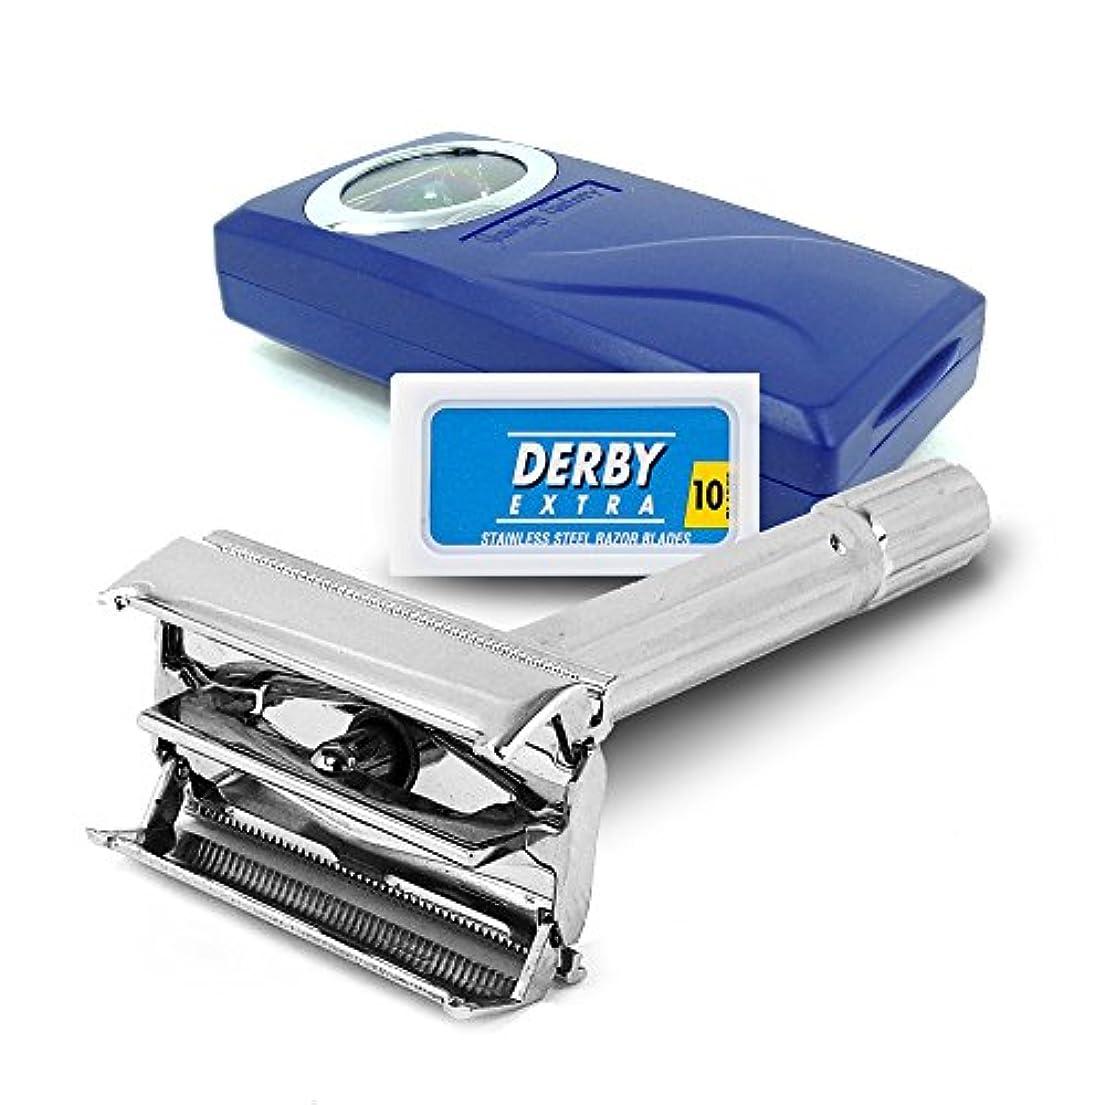 管理する名前を作る利用可能SF120−シェービングファクトリー 安全剃刀両刃ホルダー、ダービーエキストラ剃刀両刃 男性へのご贈答に